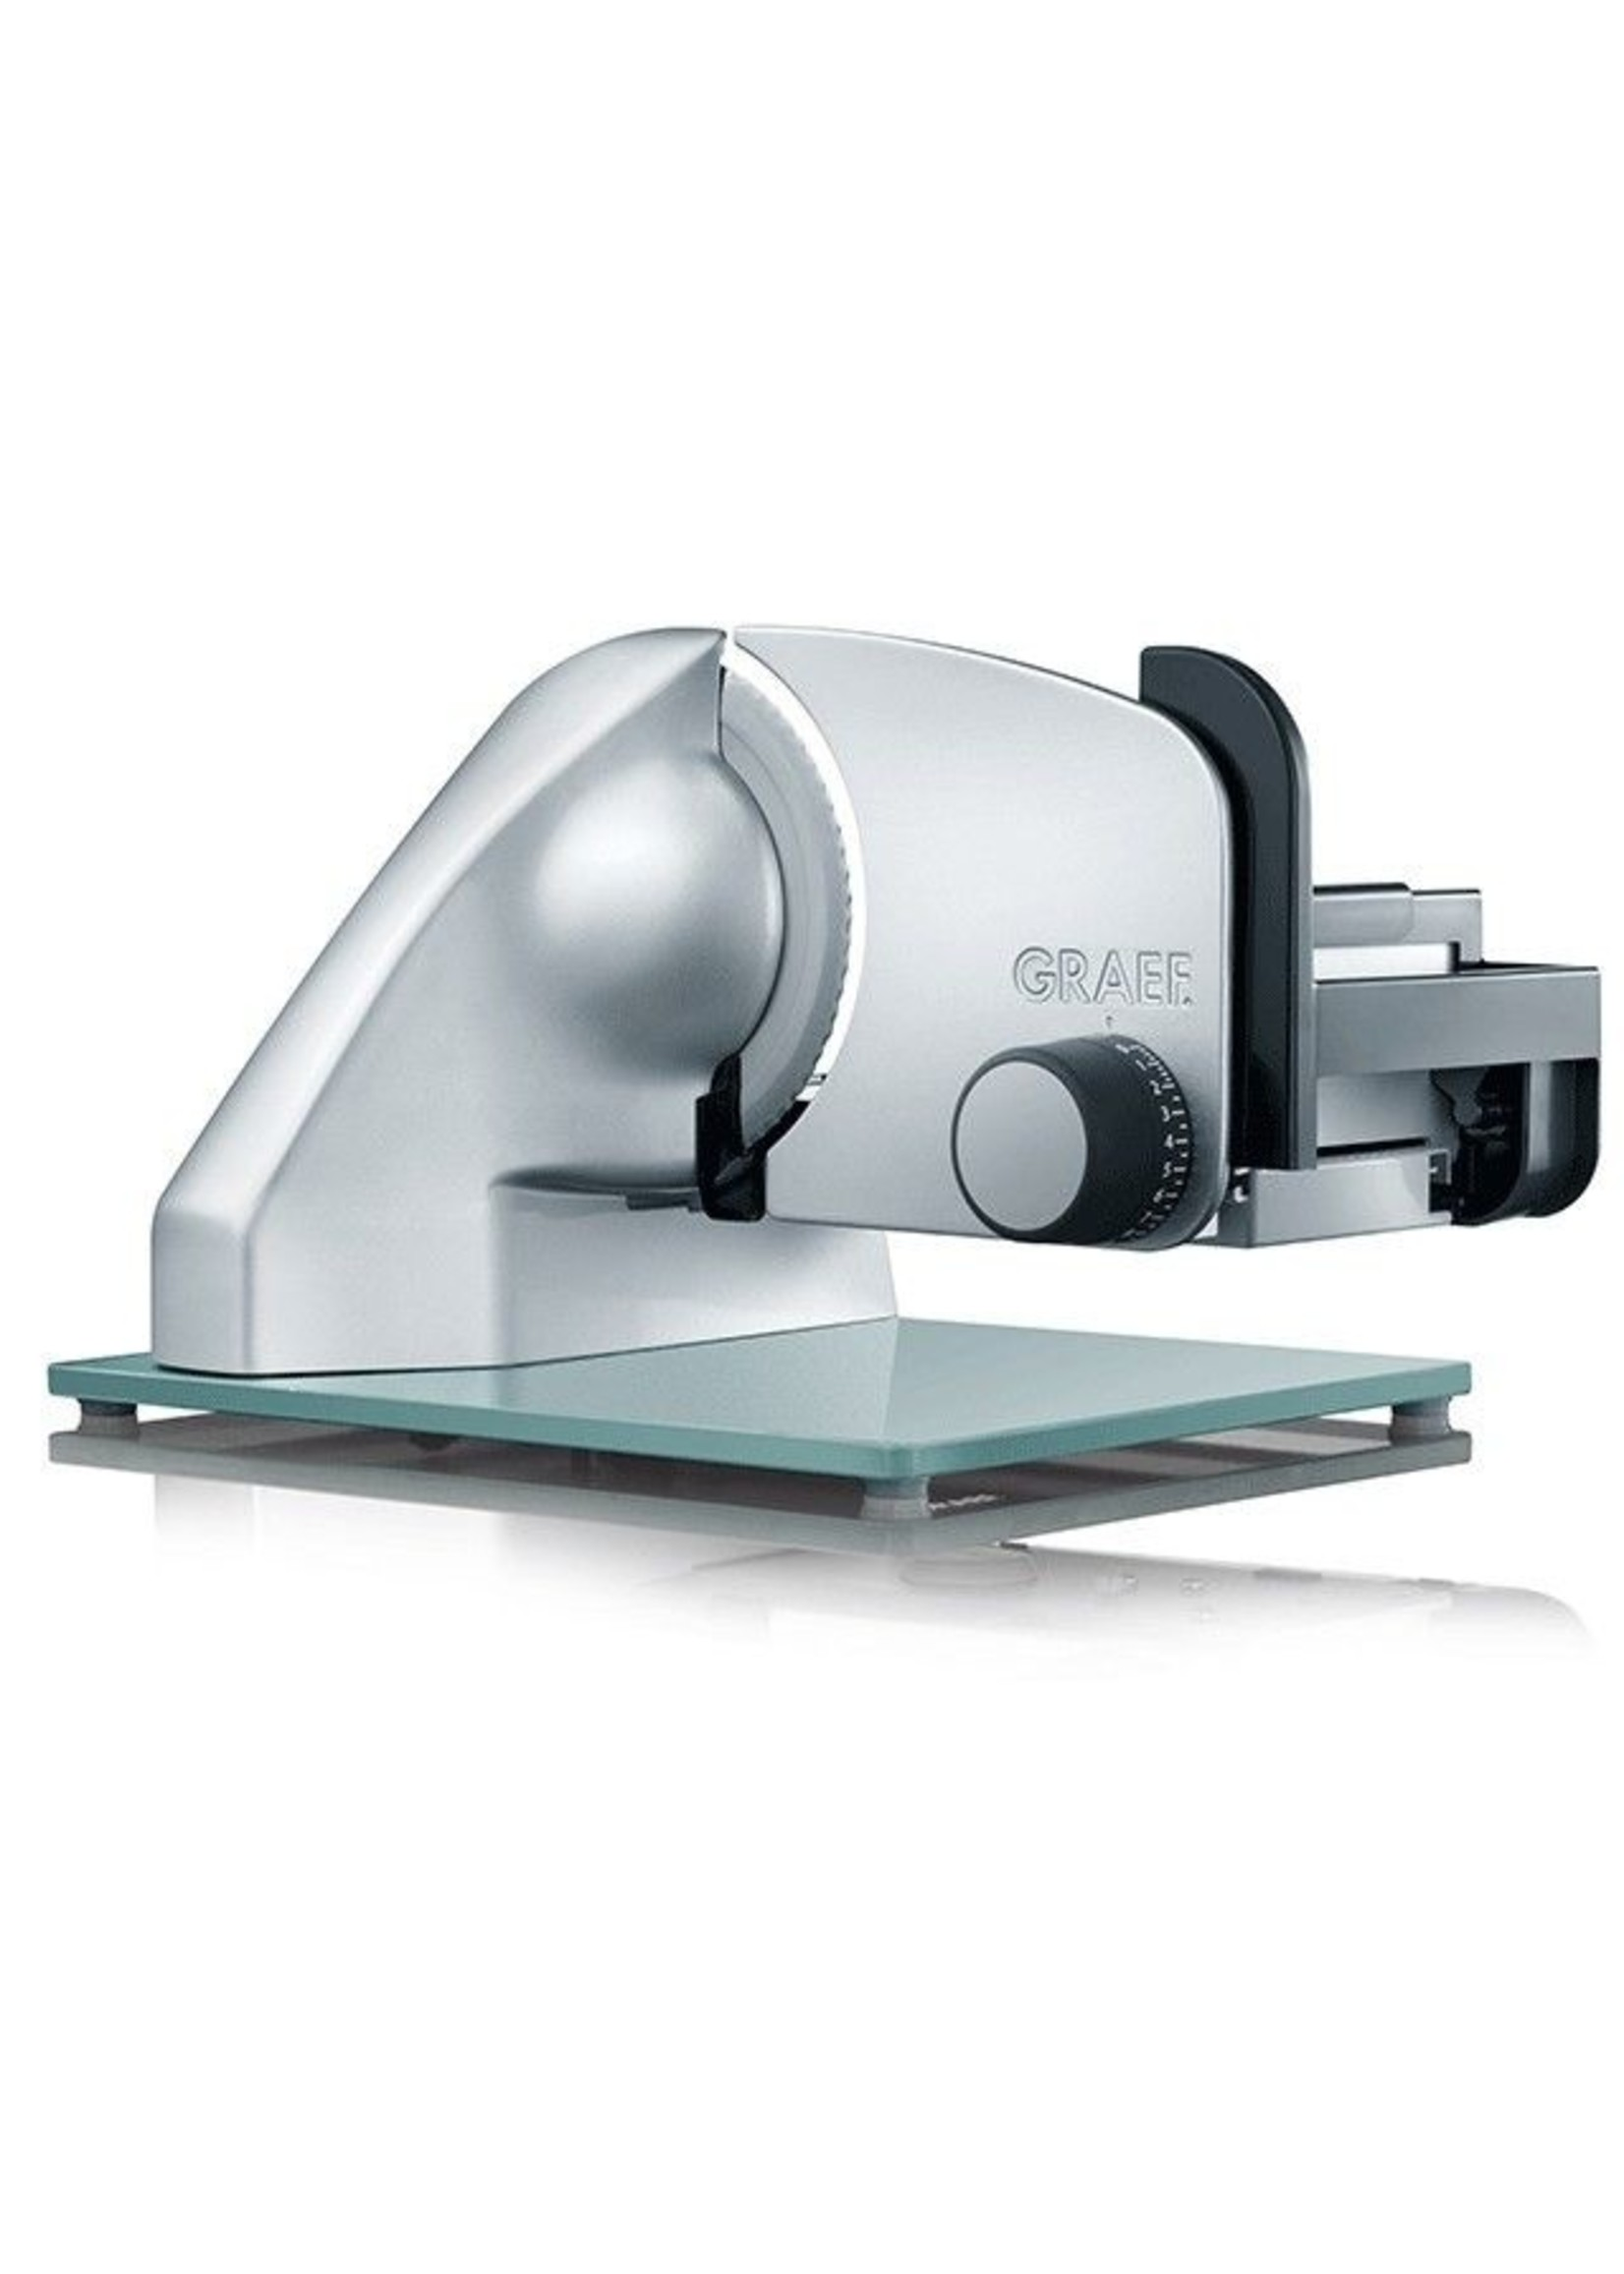 Graef Graef Classic C 20 snijmachine